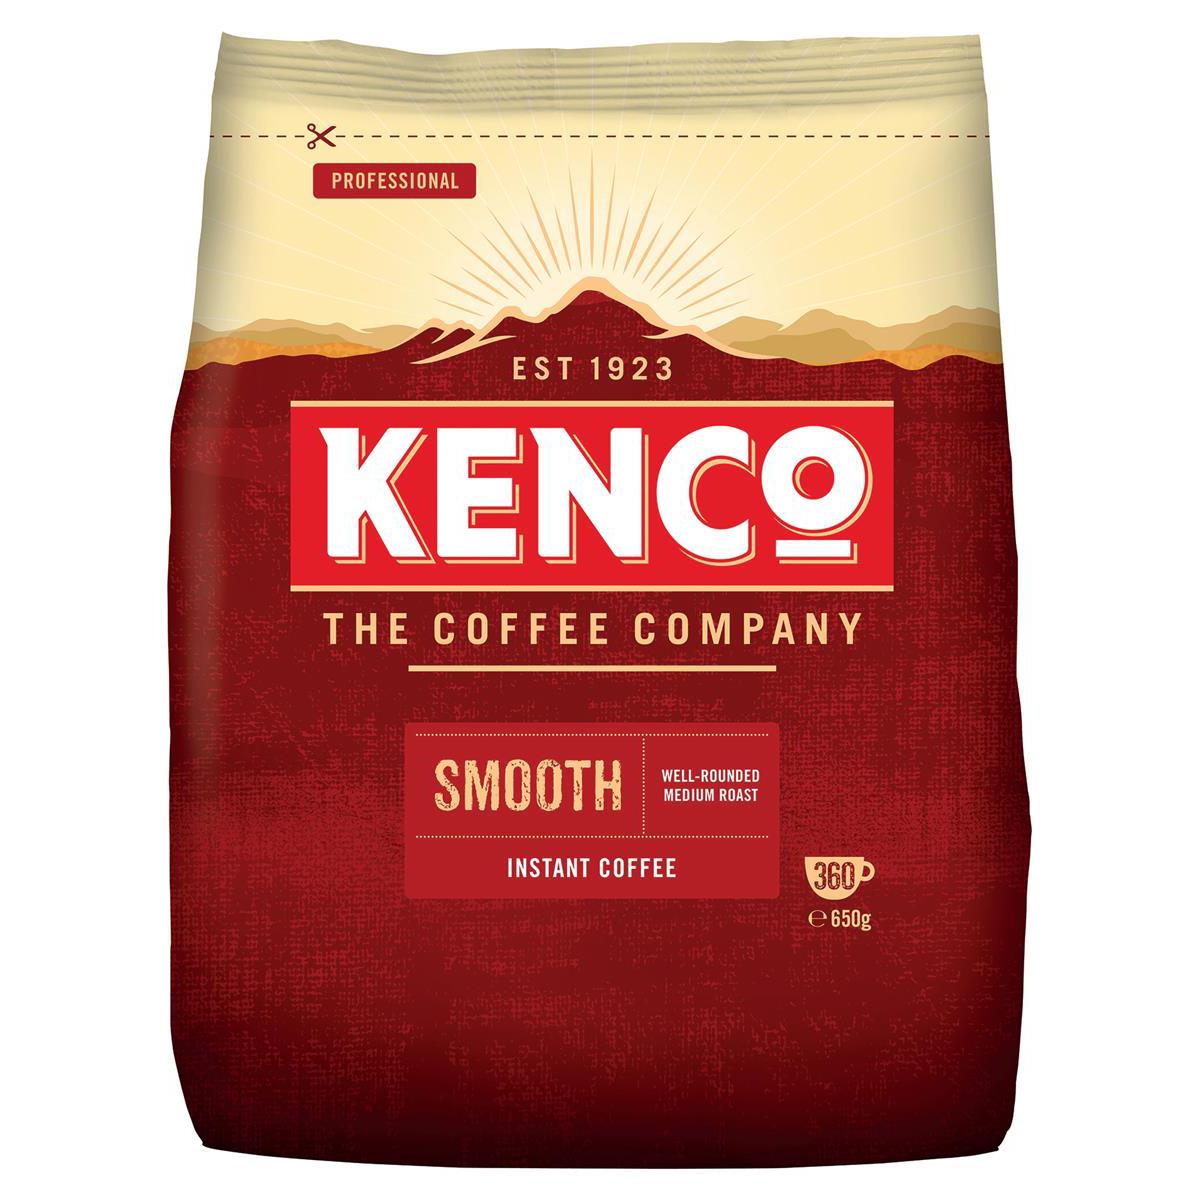 Kenco Smooth 650g Rfl Pk A03298